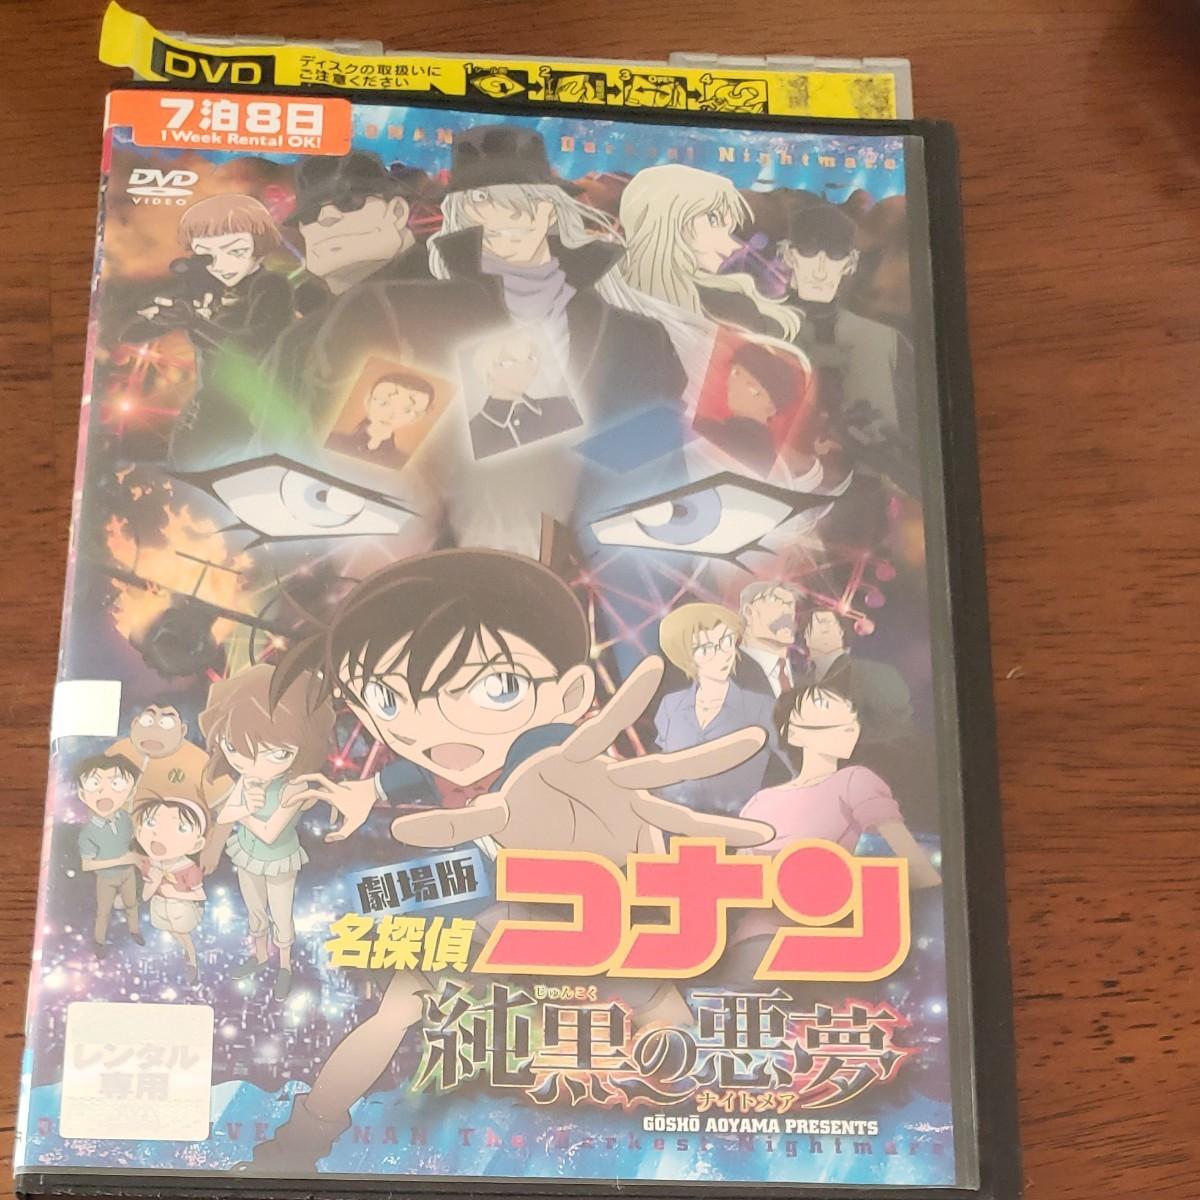 劇場版 名探偵コナン純黒の悪夢 DVD レンタル落ち